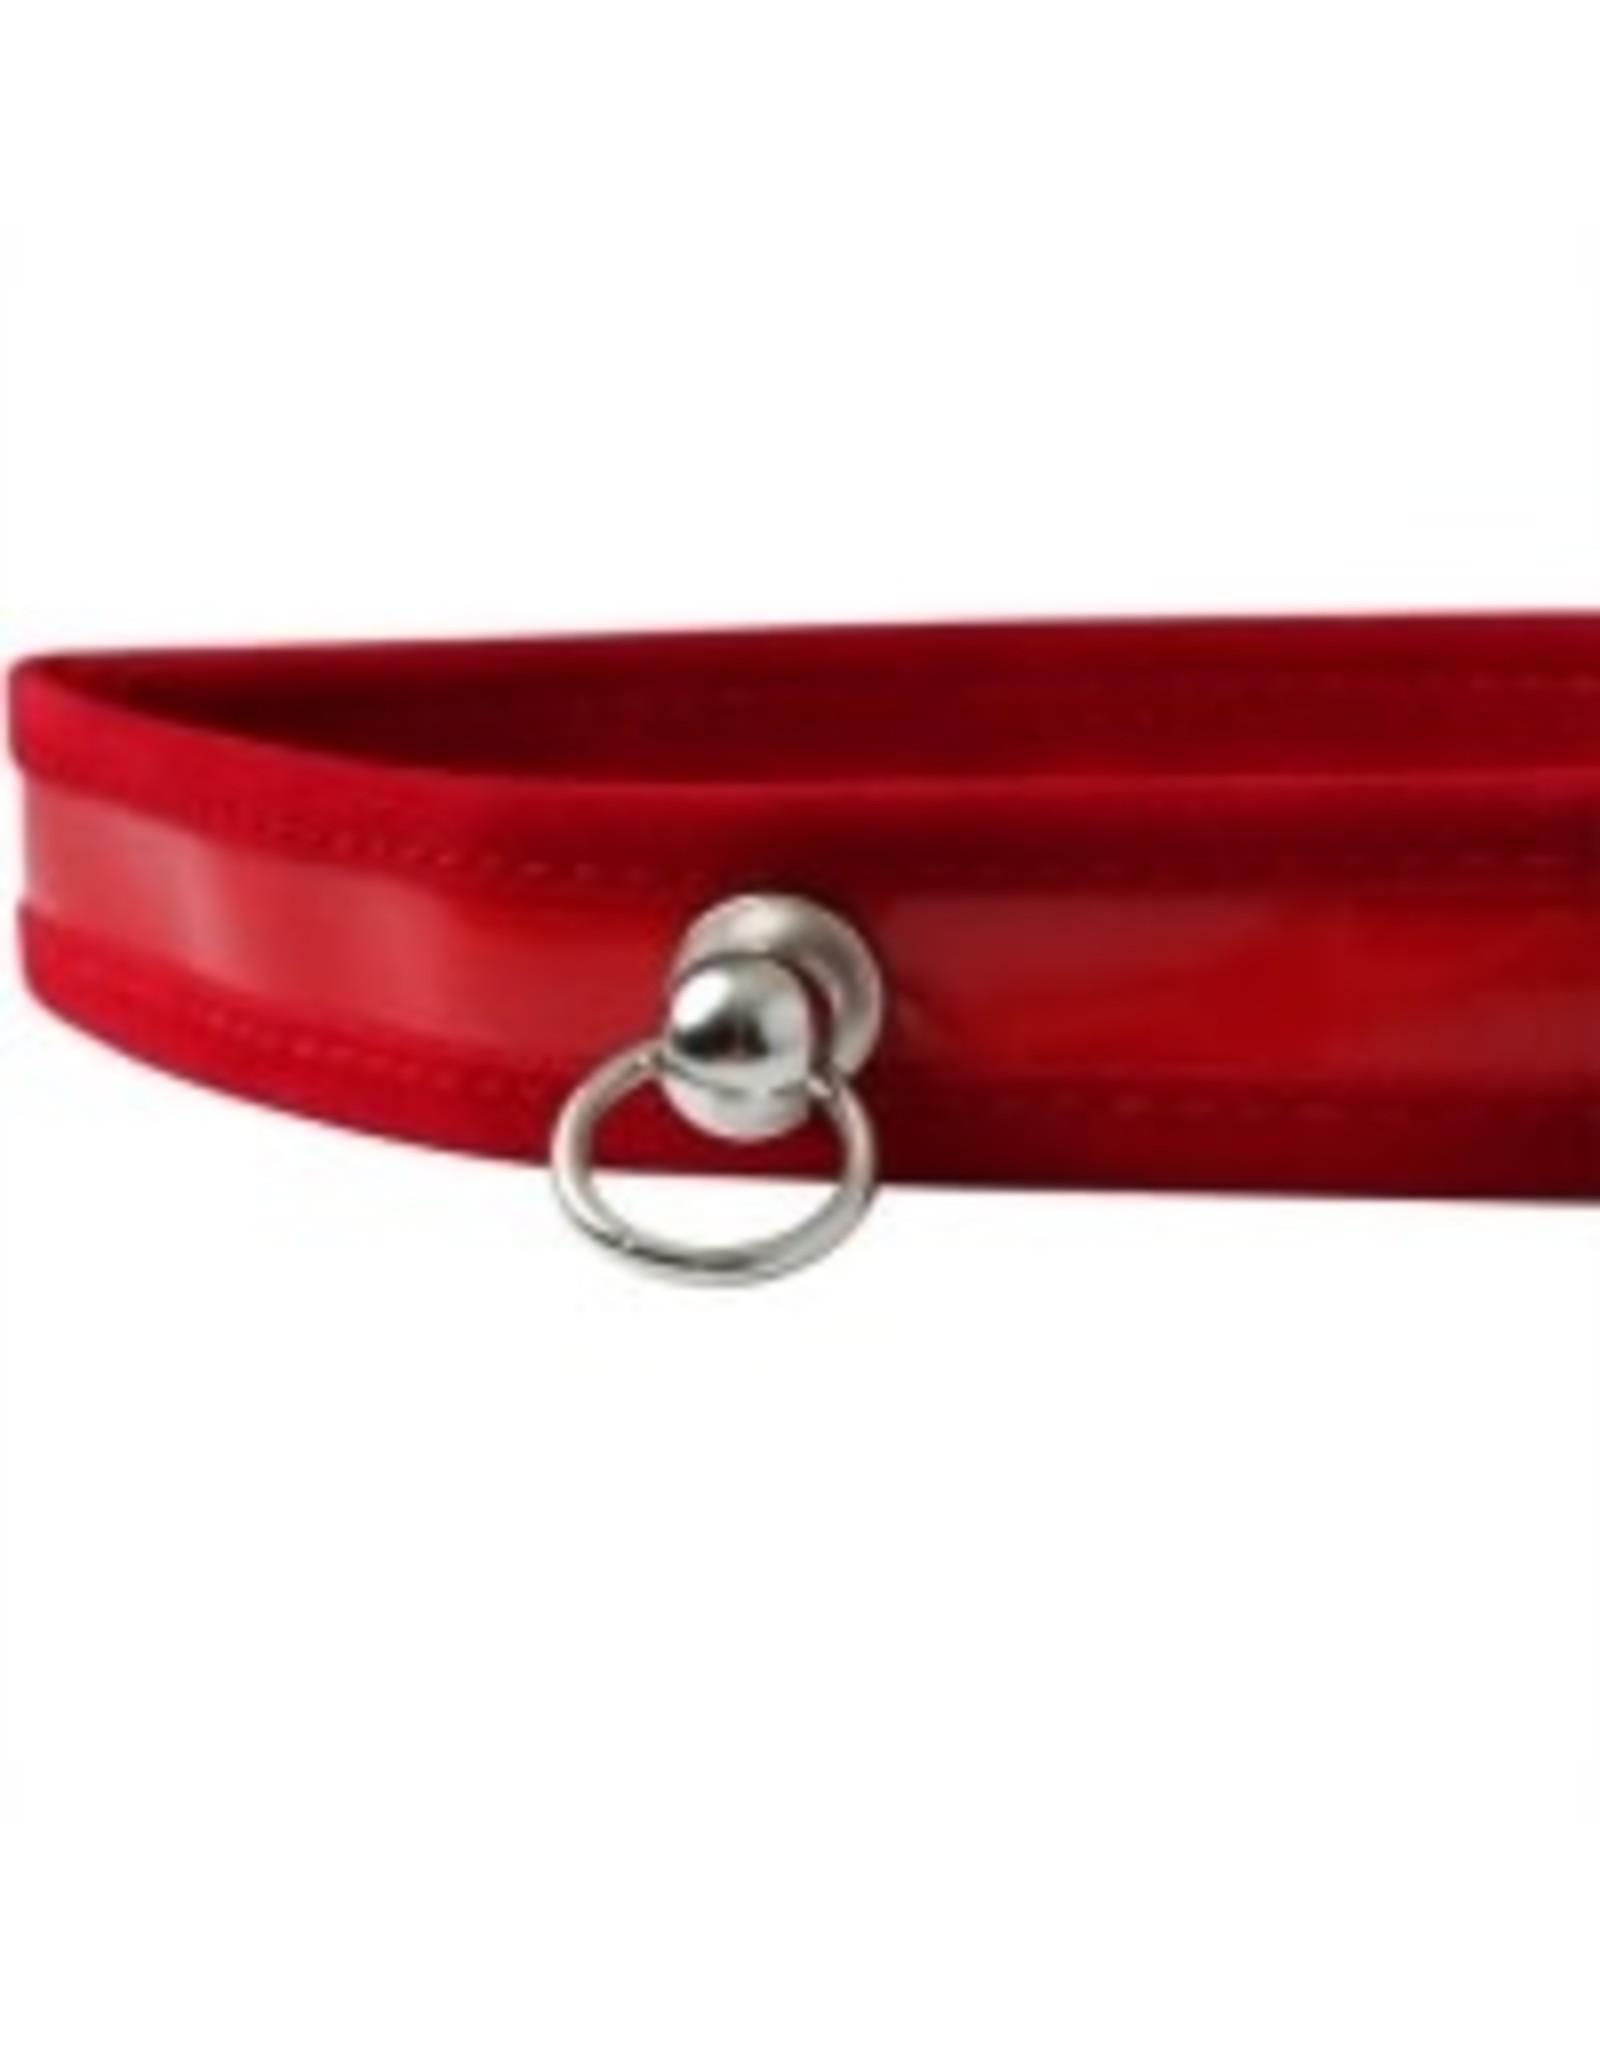 Sportsheets Sex & Mischief - Red Day Collar